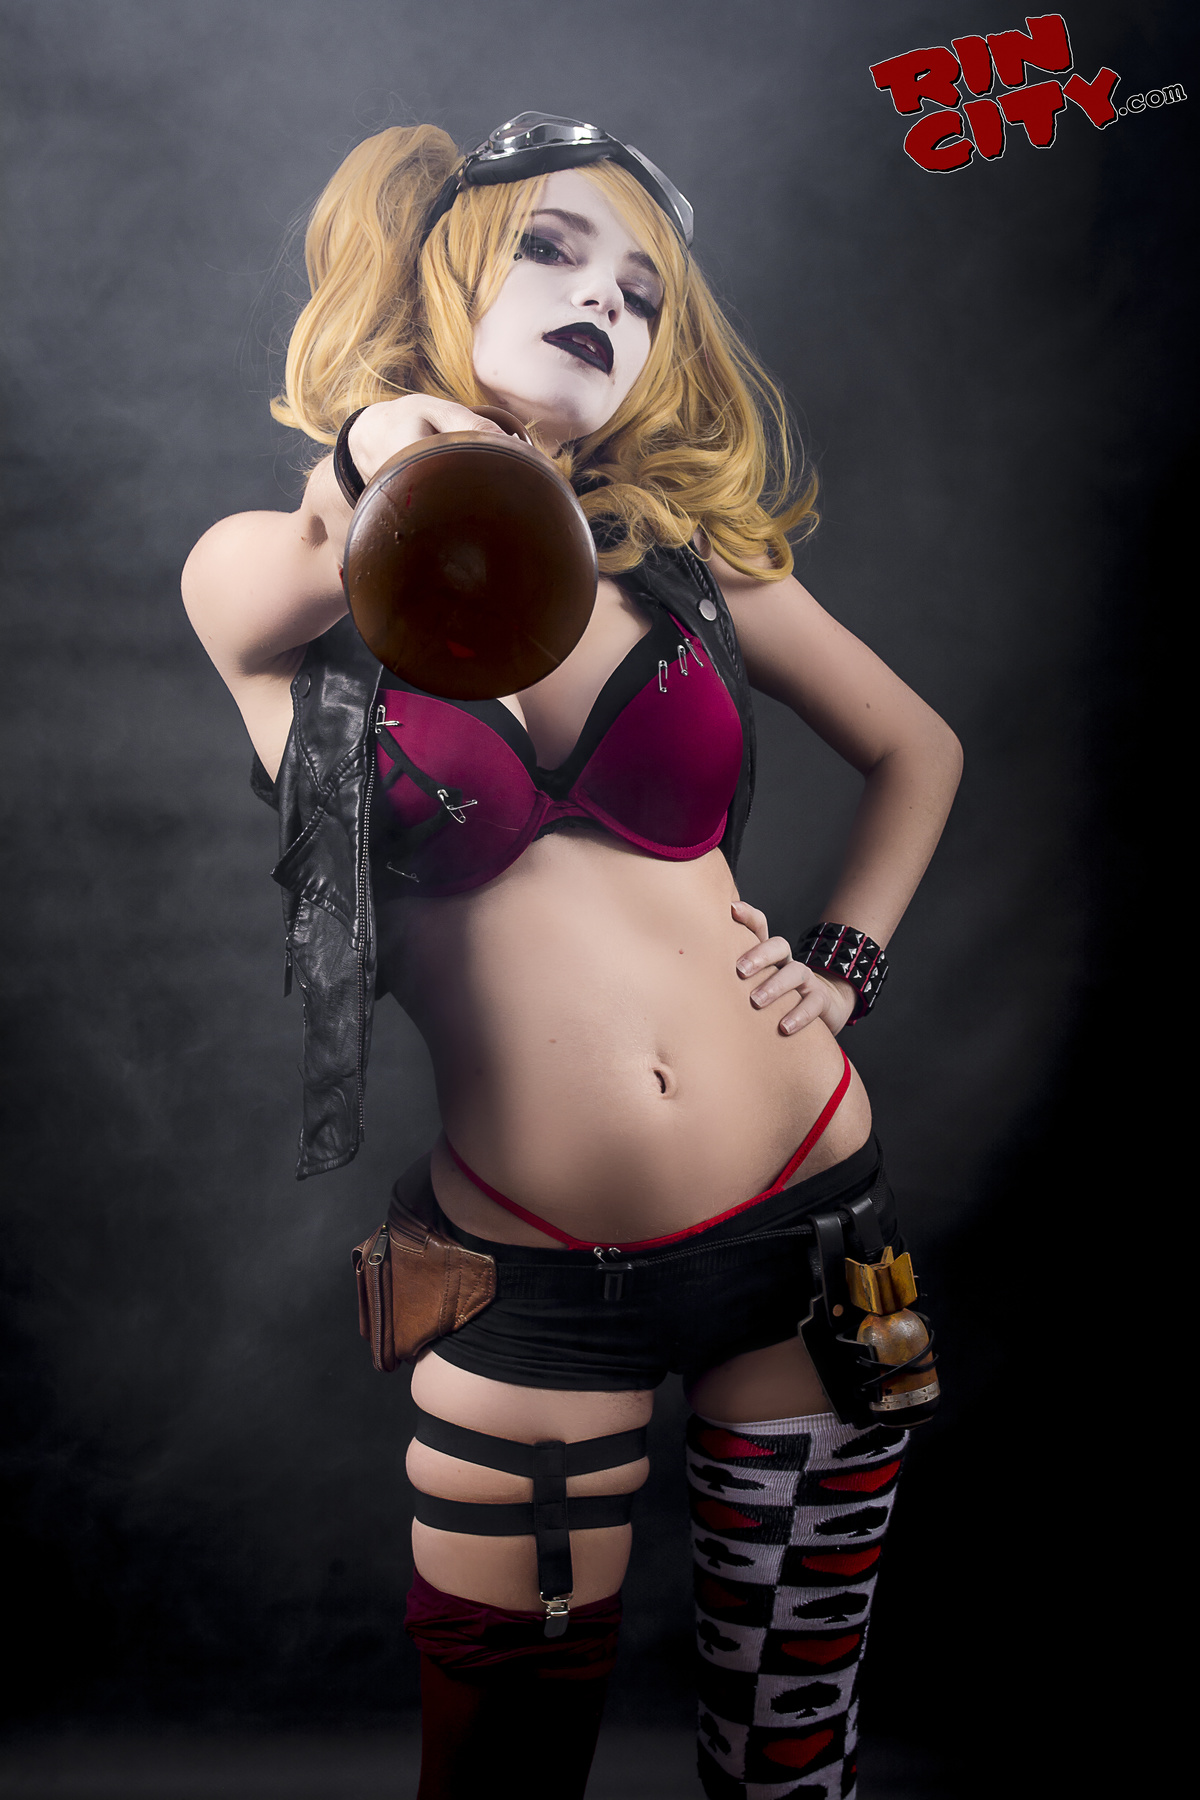 harley quinn naked porn